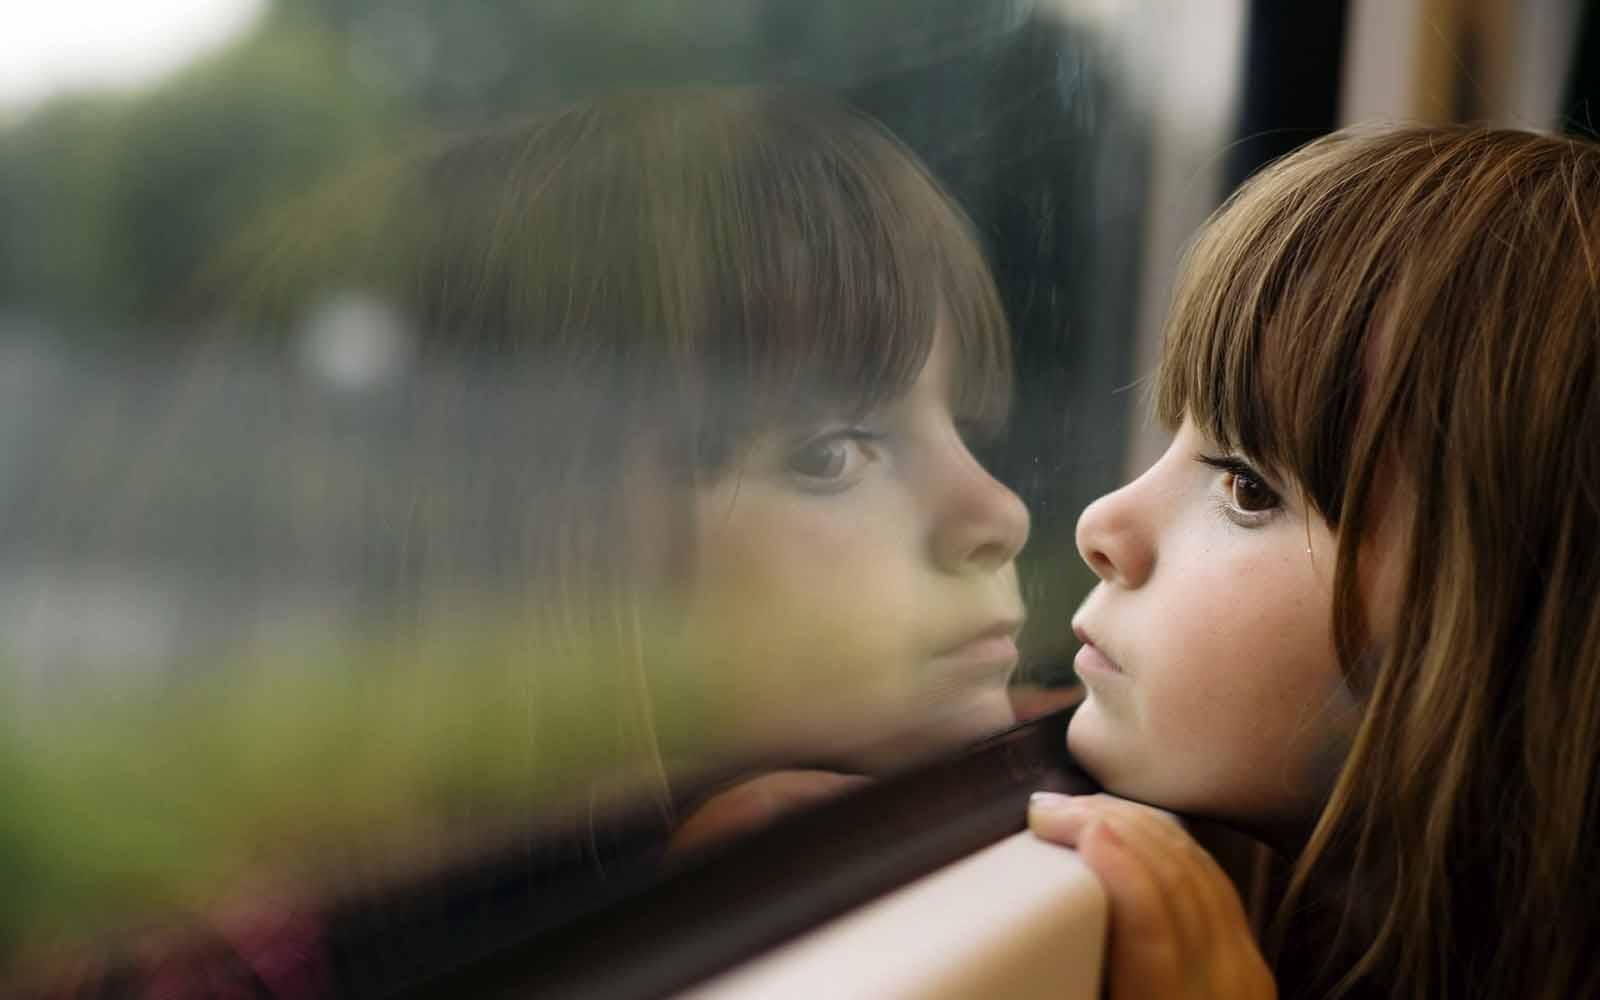 Панически пристъпи – симптоми и самопомощ